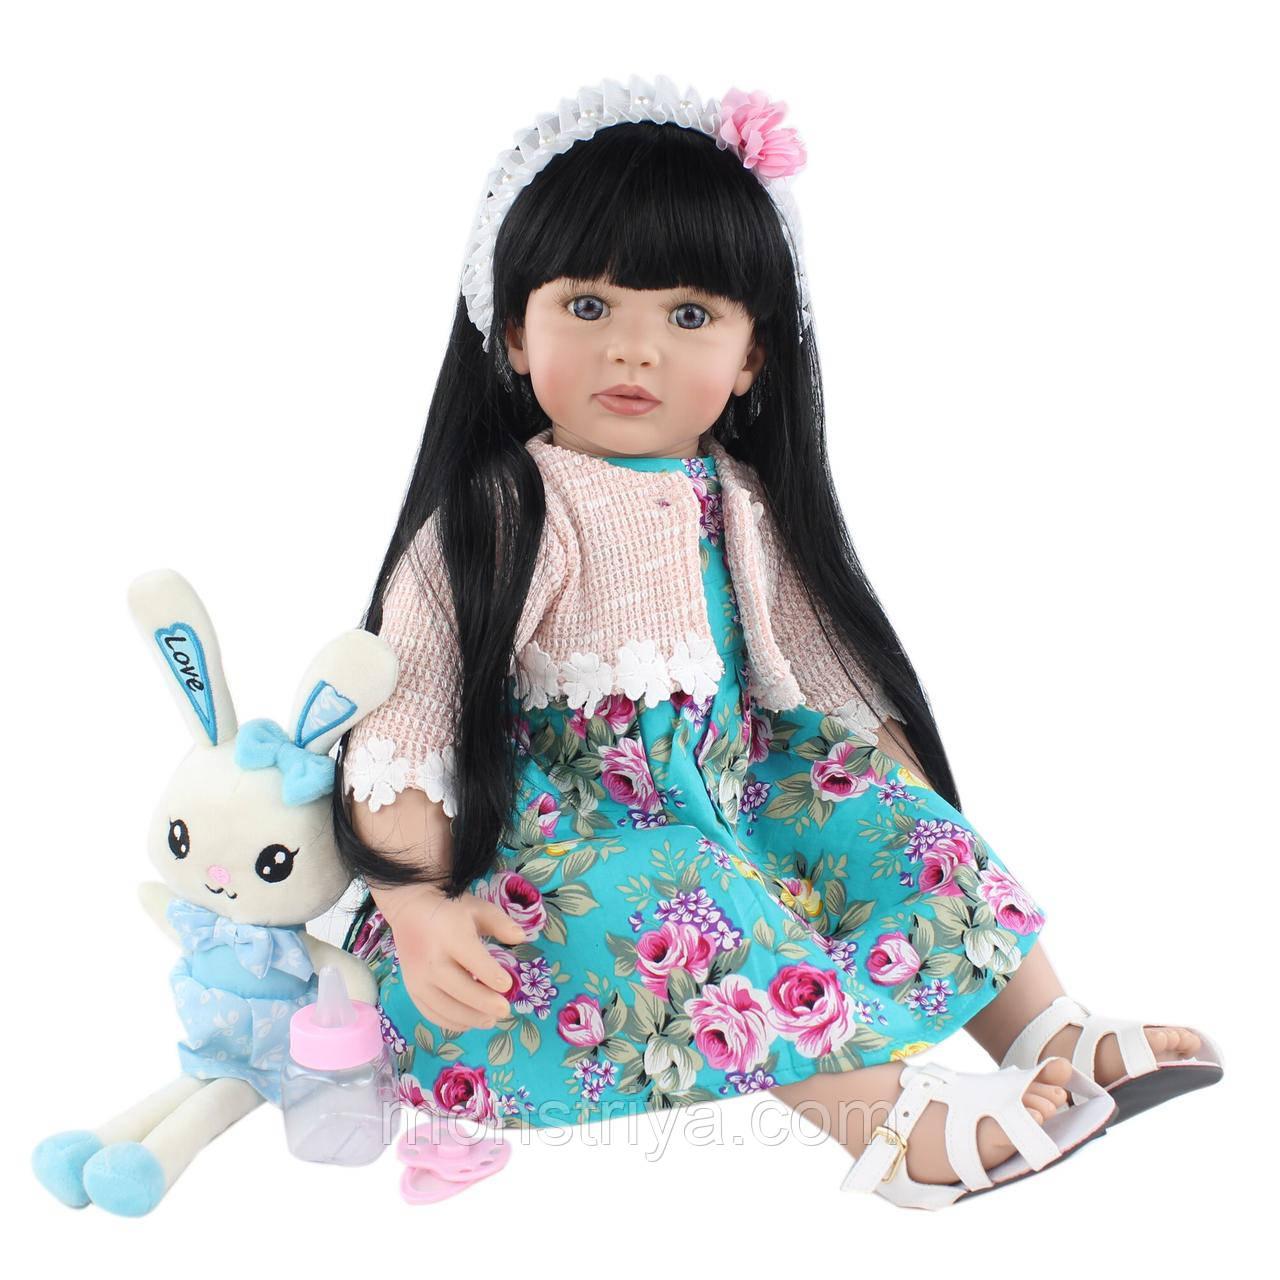 Потрясающая Куколка реборн, девочка АННУШКА, 60 см